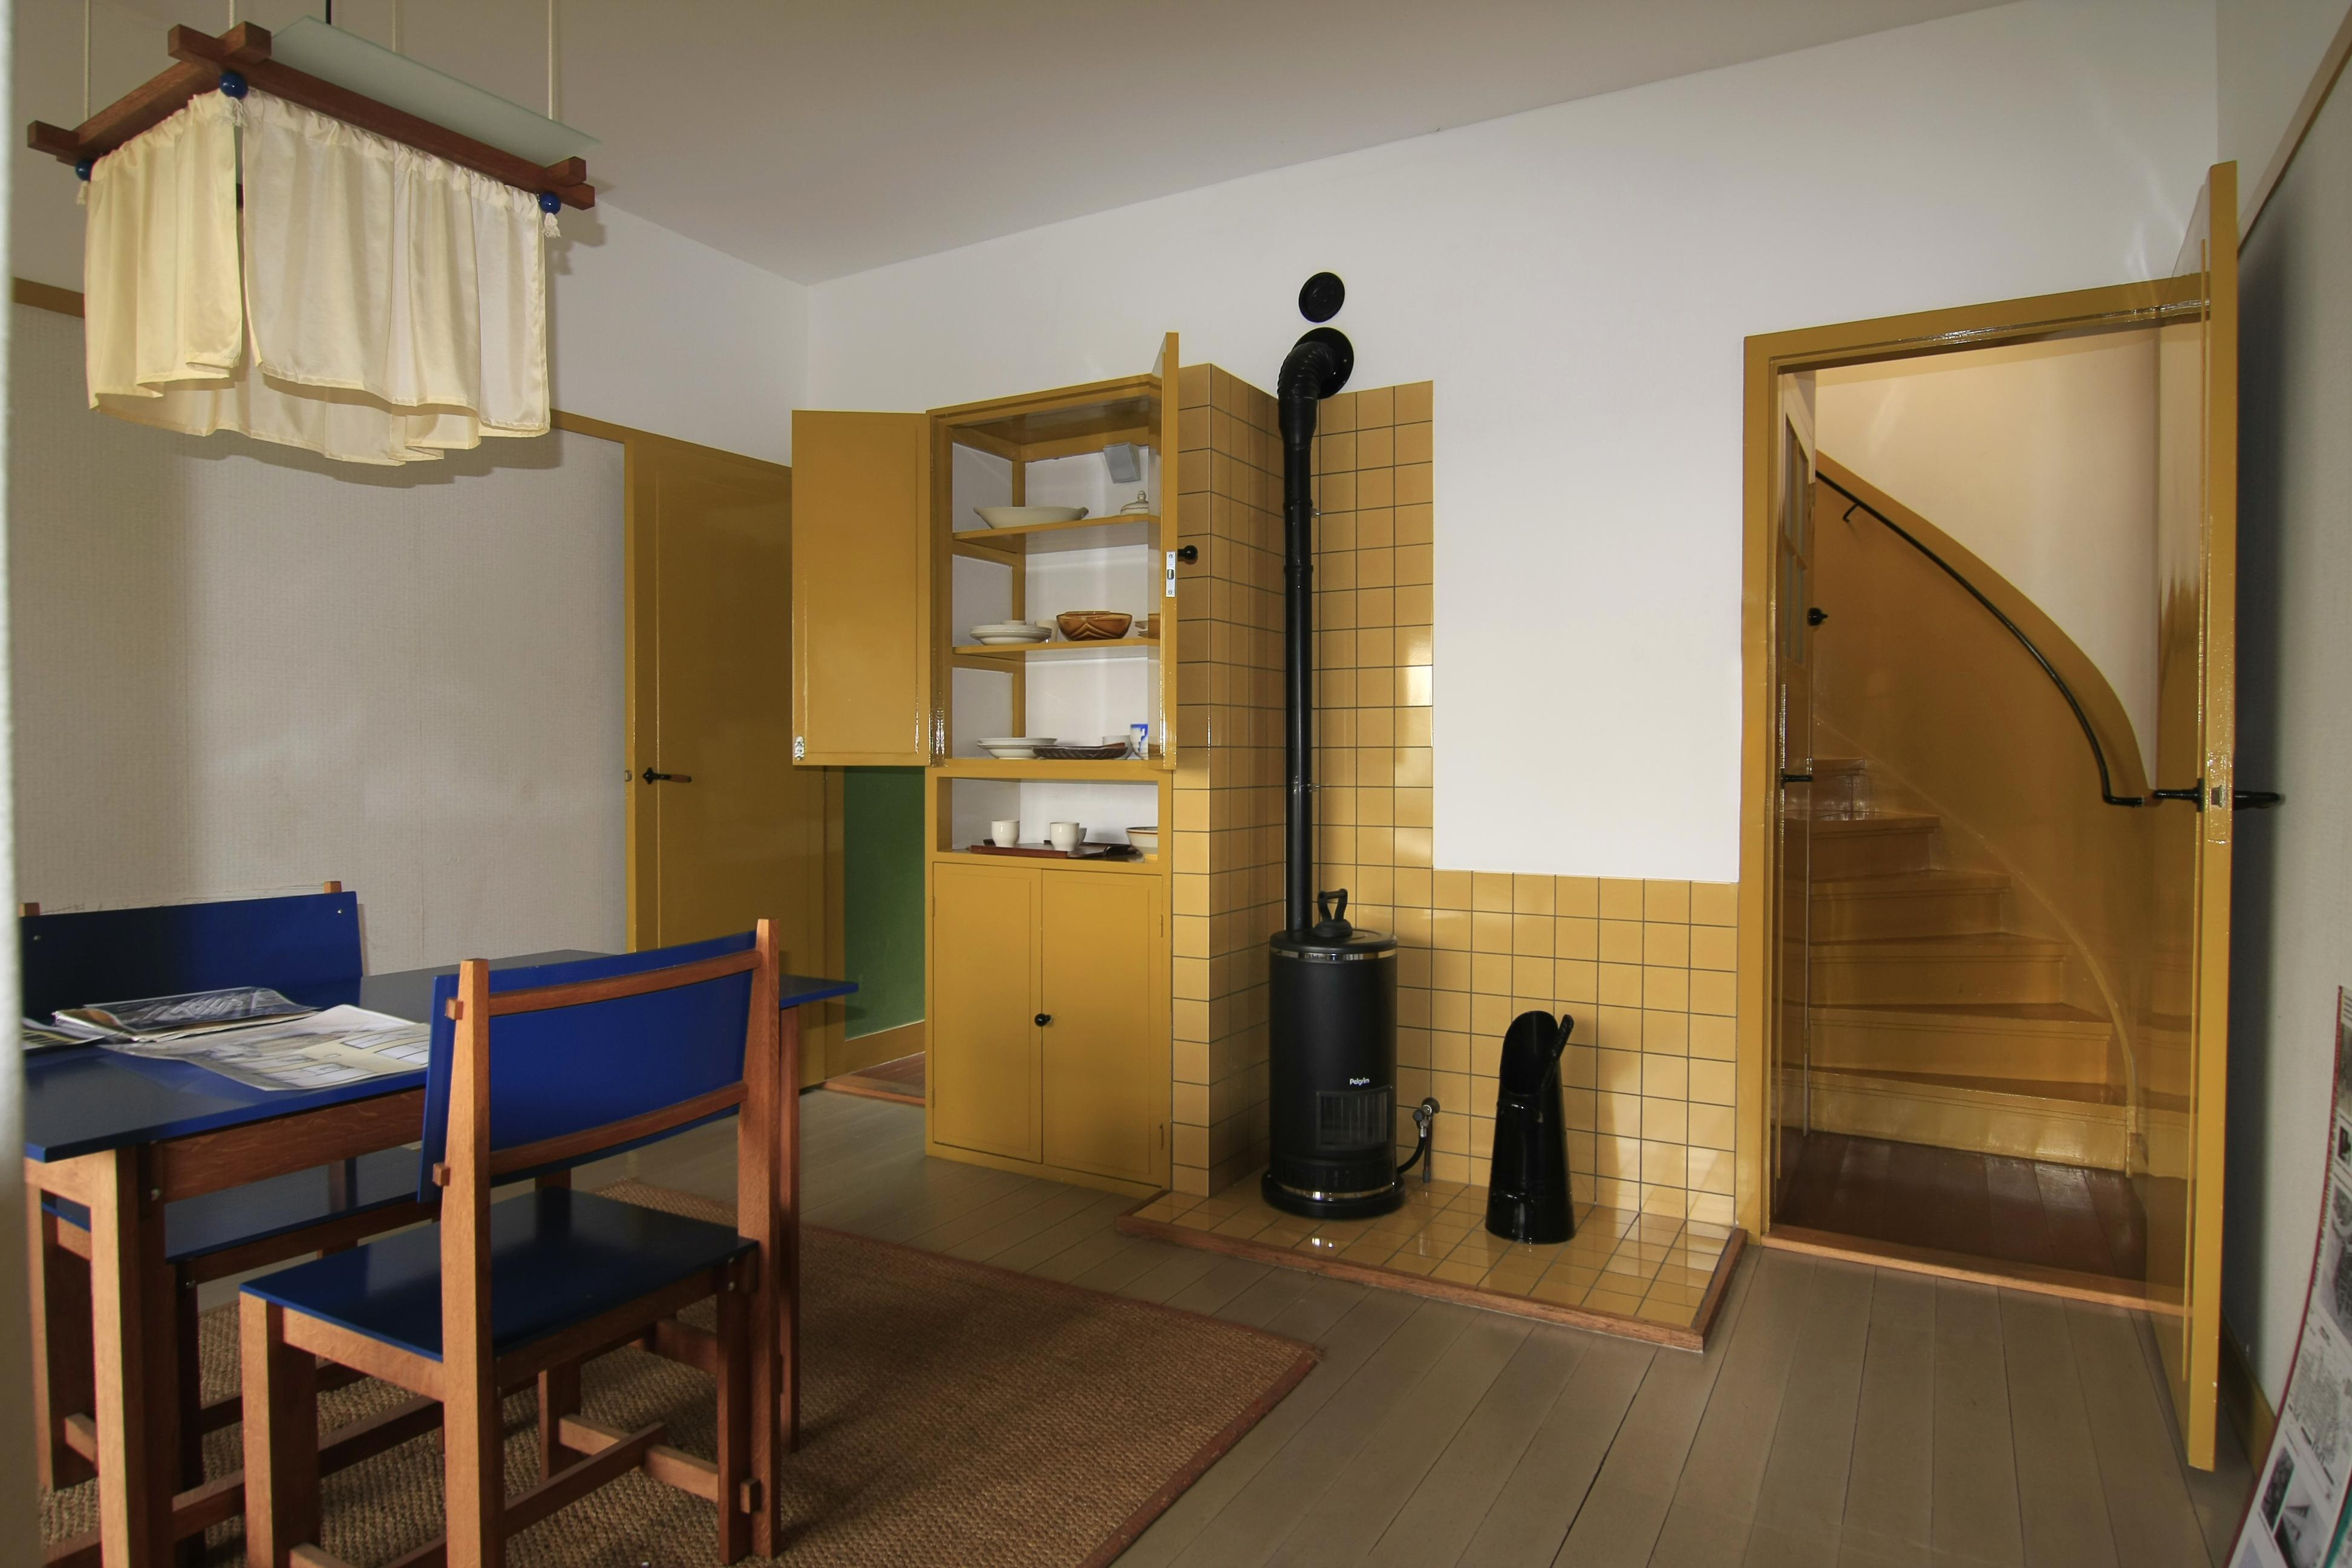 Kubusvorminge eengezinswoningen in de kiefhoek in for Lombardijen interieur